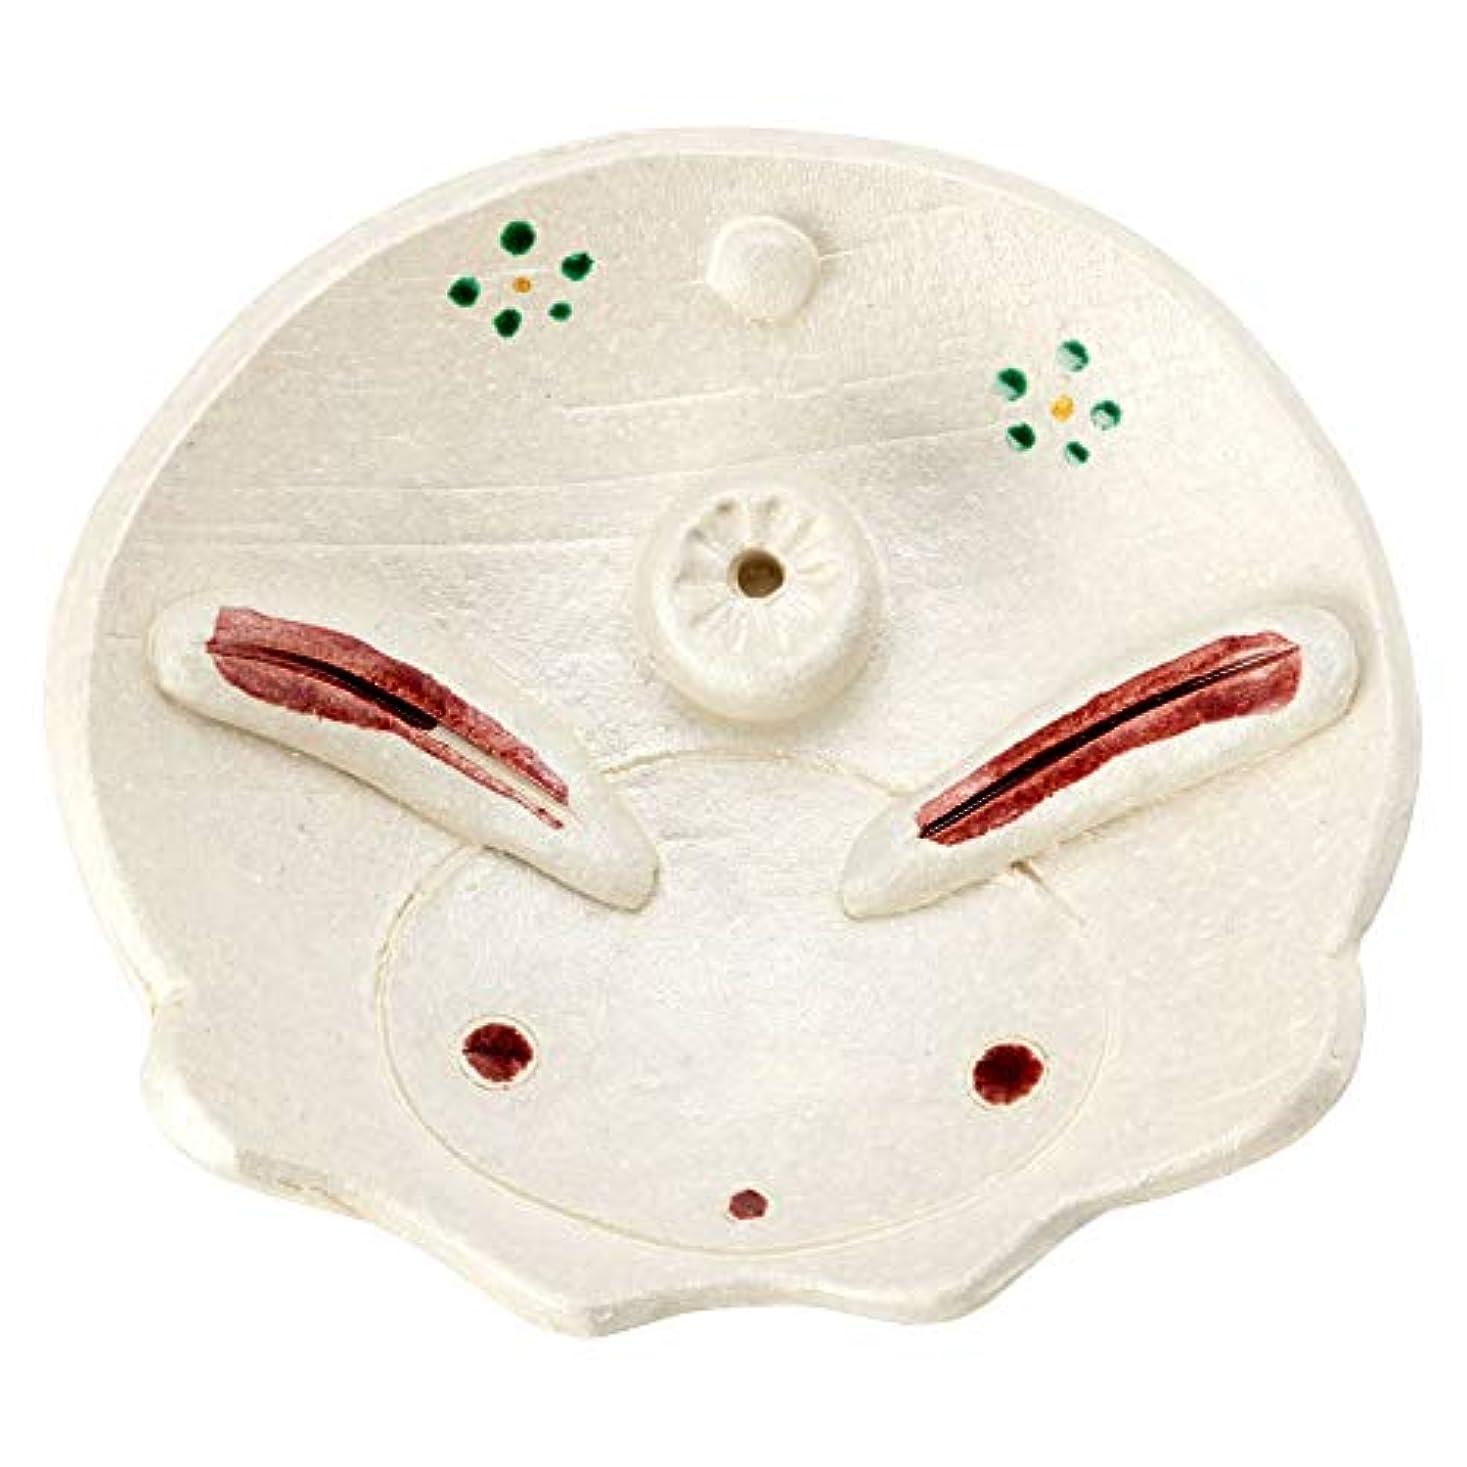 暗殺意味する哺乳類ひさみ窯民芸香立て兎 (K6207)瀬戸焼愛知県の工芸品Seto-yaki Incense stand, Aichi craft